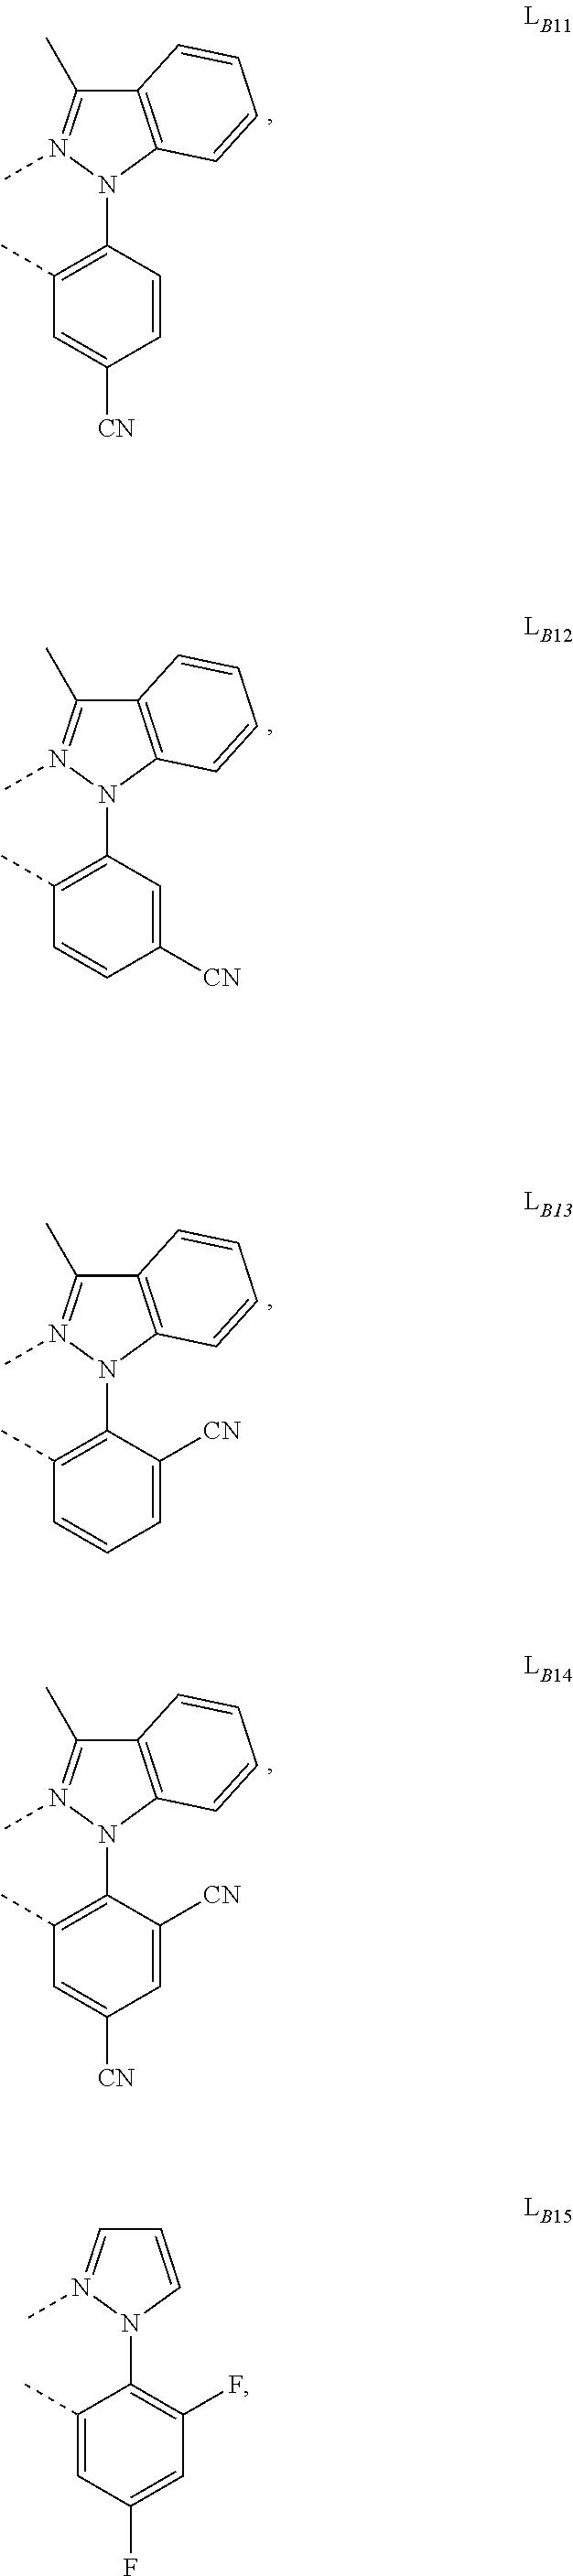 Figure US09905785-20180227-C00105